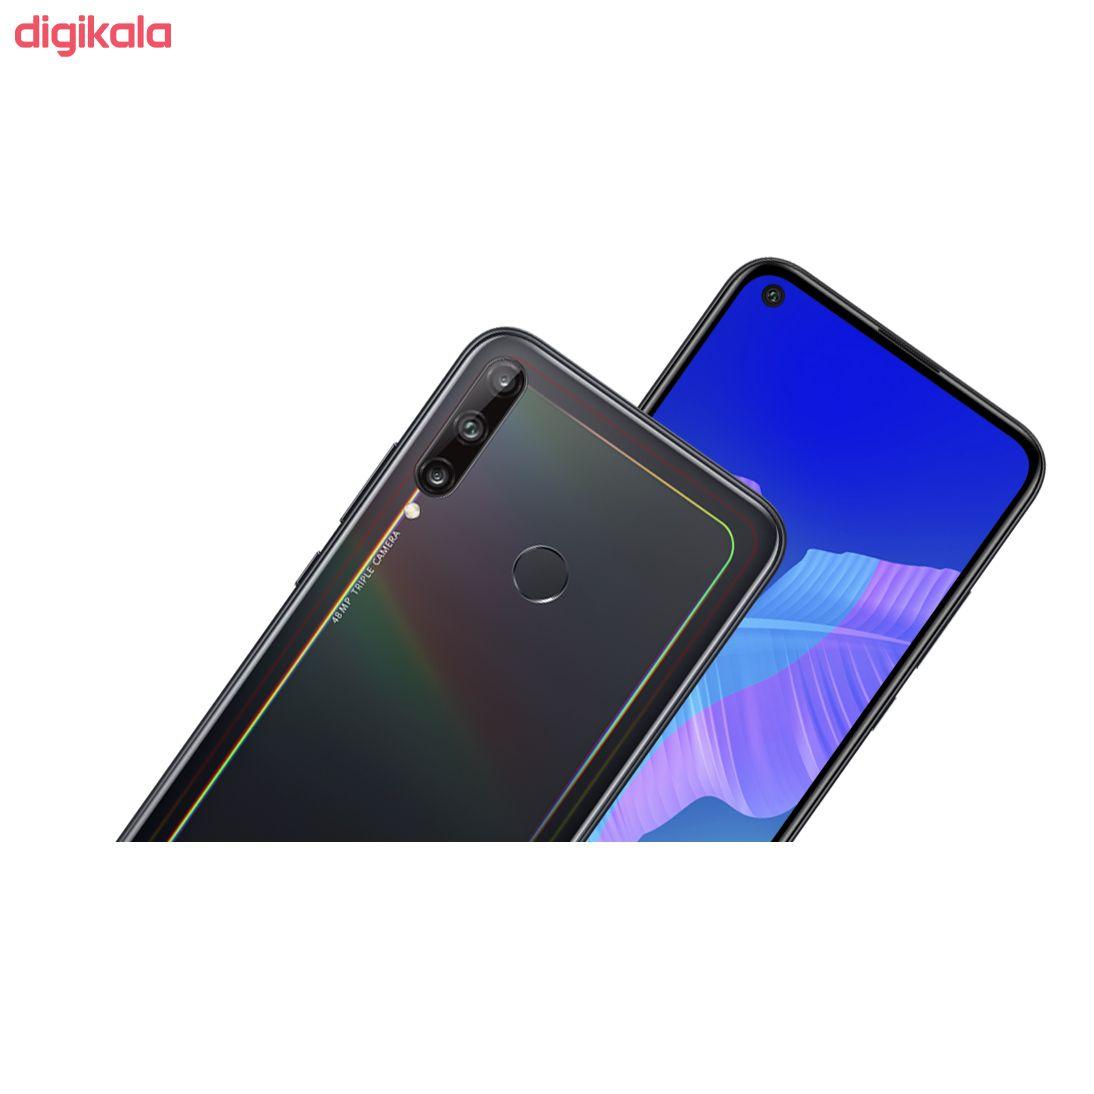 گوشی موبایل هوآوی مدل Huawei Y7p ART-L29 دو سیم کارت ظرفیت 64 گیگابایت به همراه کارت حافظه هدیه main 1 17